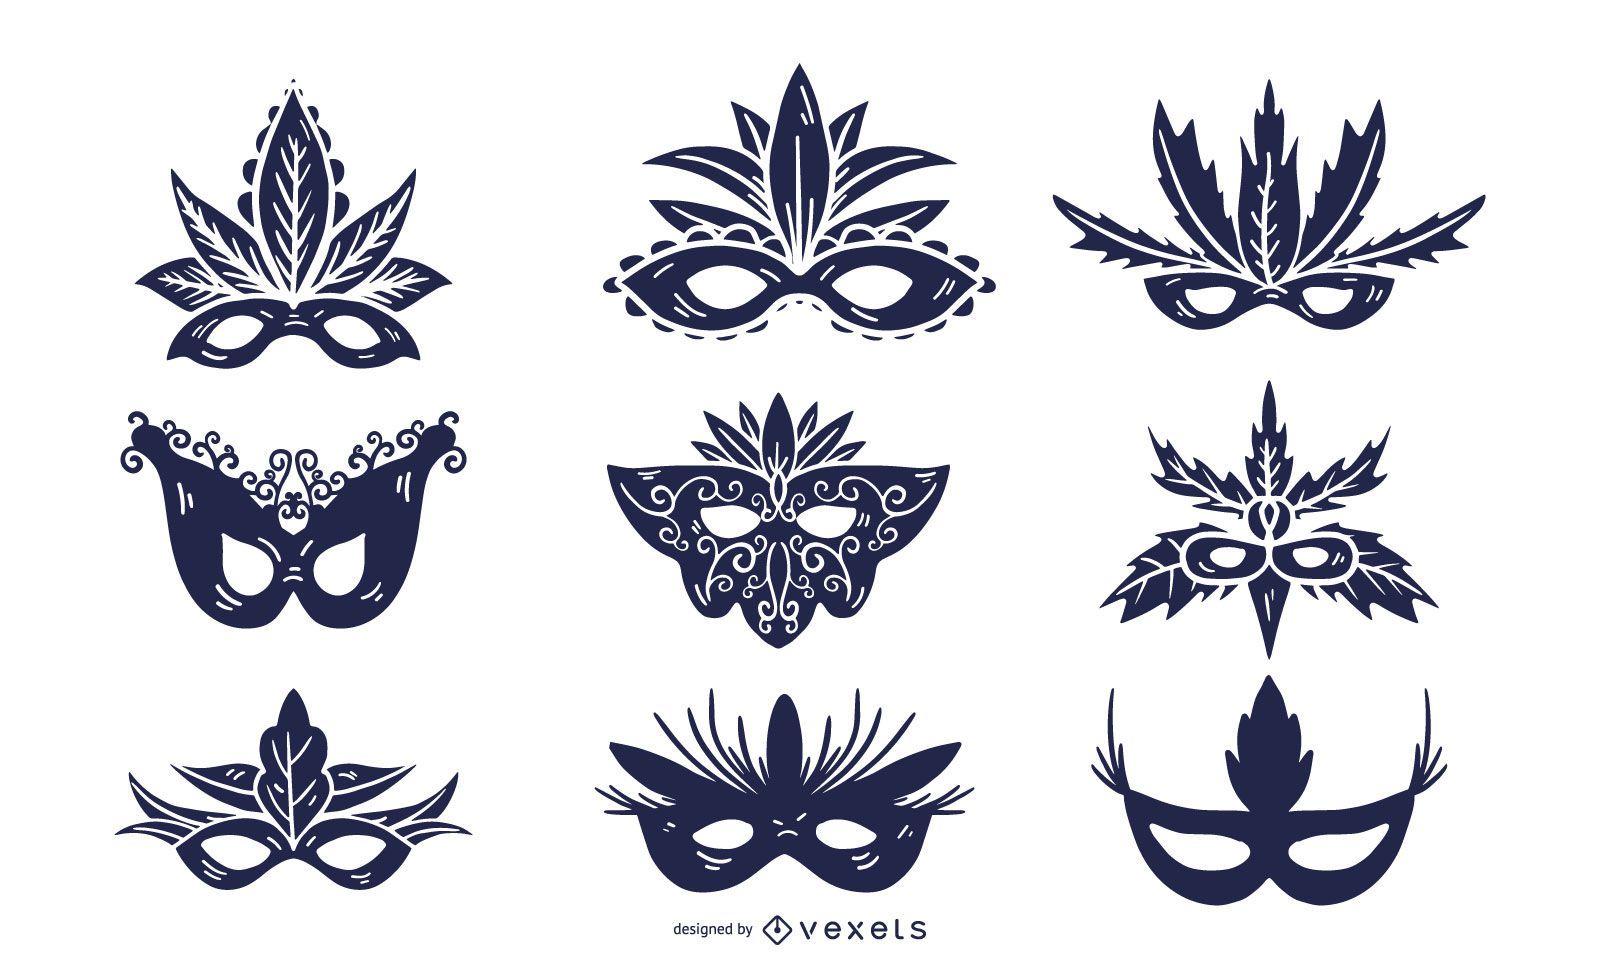 Paquete de relleno sólido de máscara de carnaval